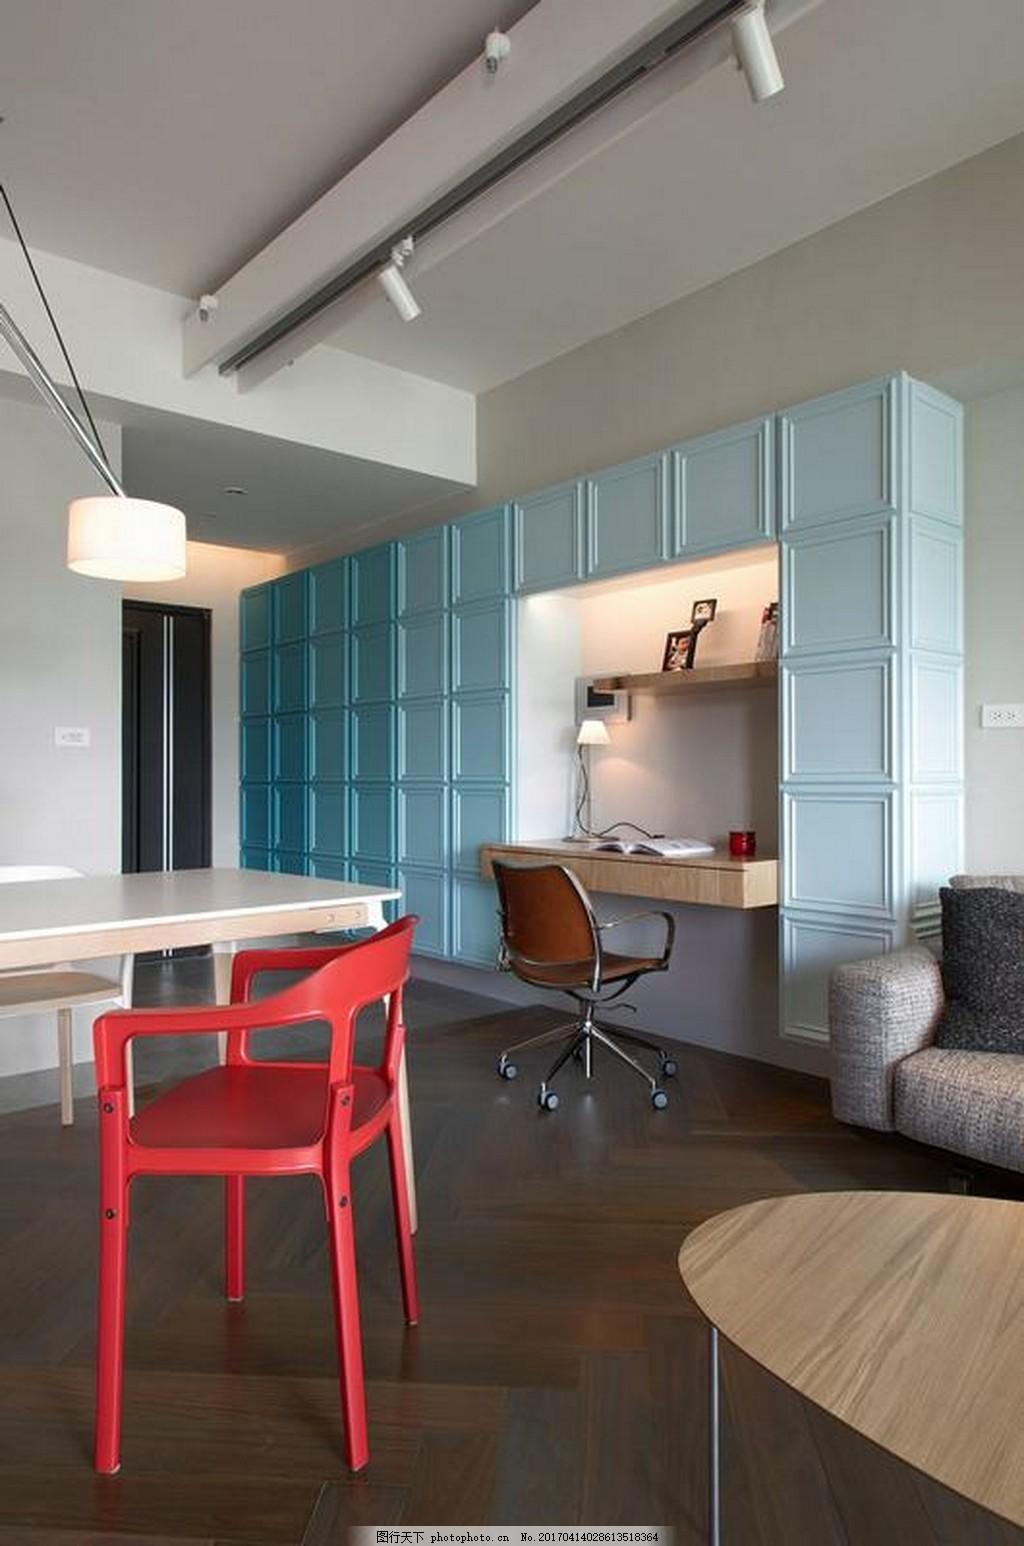 家居 家居生活 室内设计 装修 室内 家具 装修设计 环境设计 jpg 创意